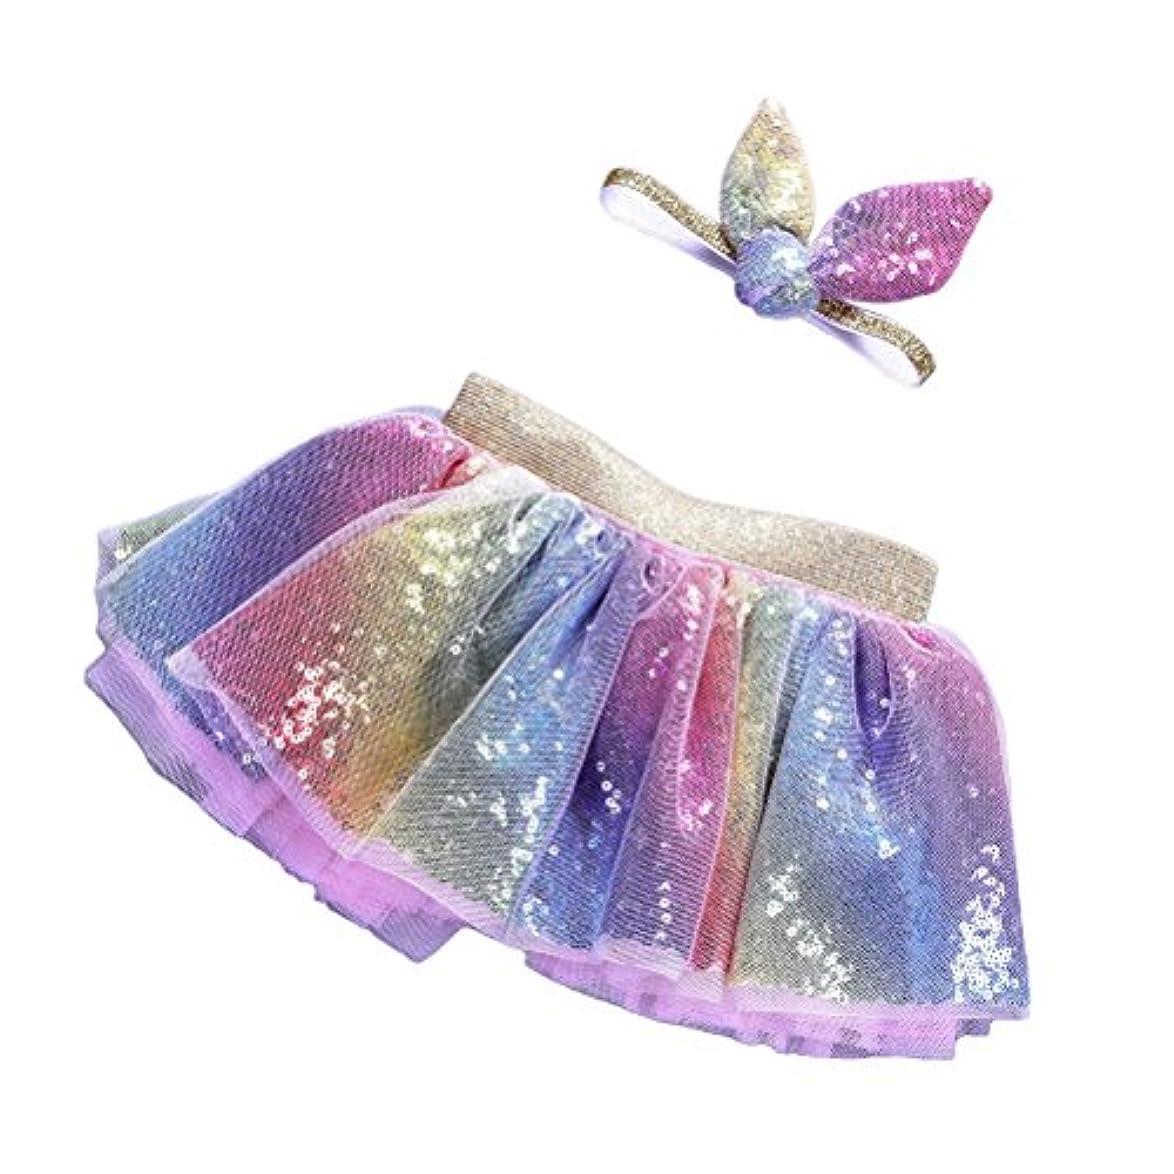 ゴージャス船外不実LUOEM 2PCSレインボーツツースカート(ヘッドバンド付き)プリンセスガールツツーの服装ベビーガールズ誕生日の服セットサイズM(2?5歳)